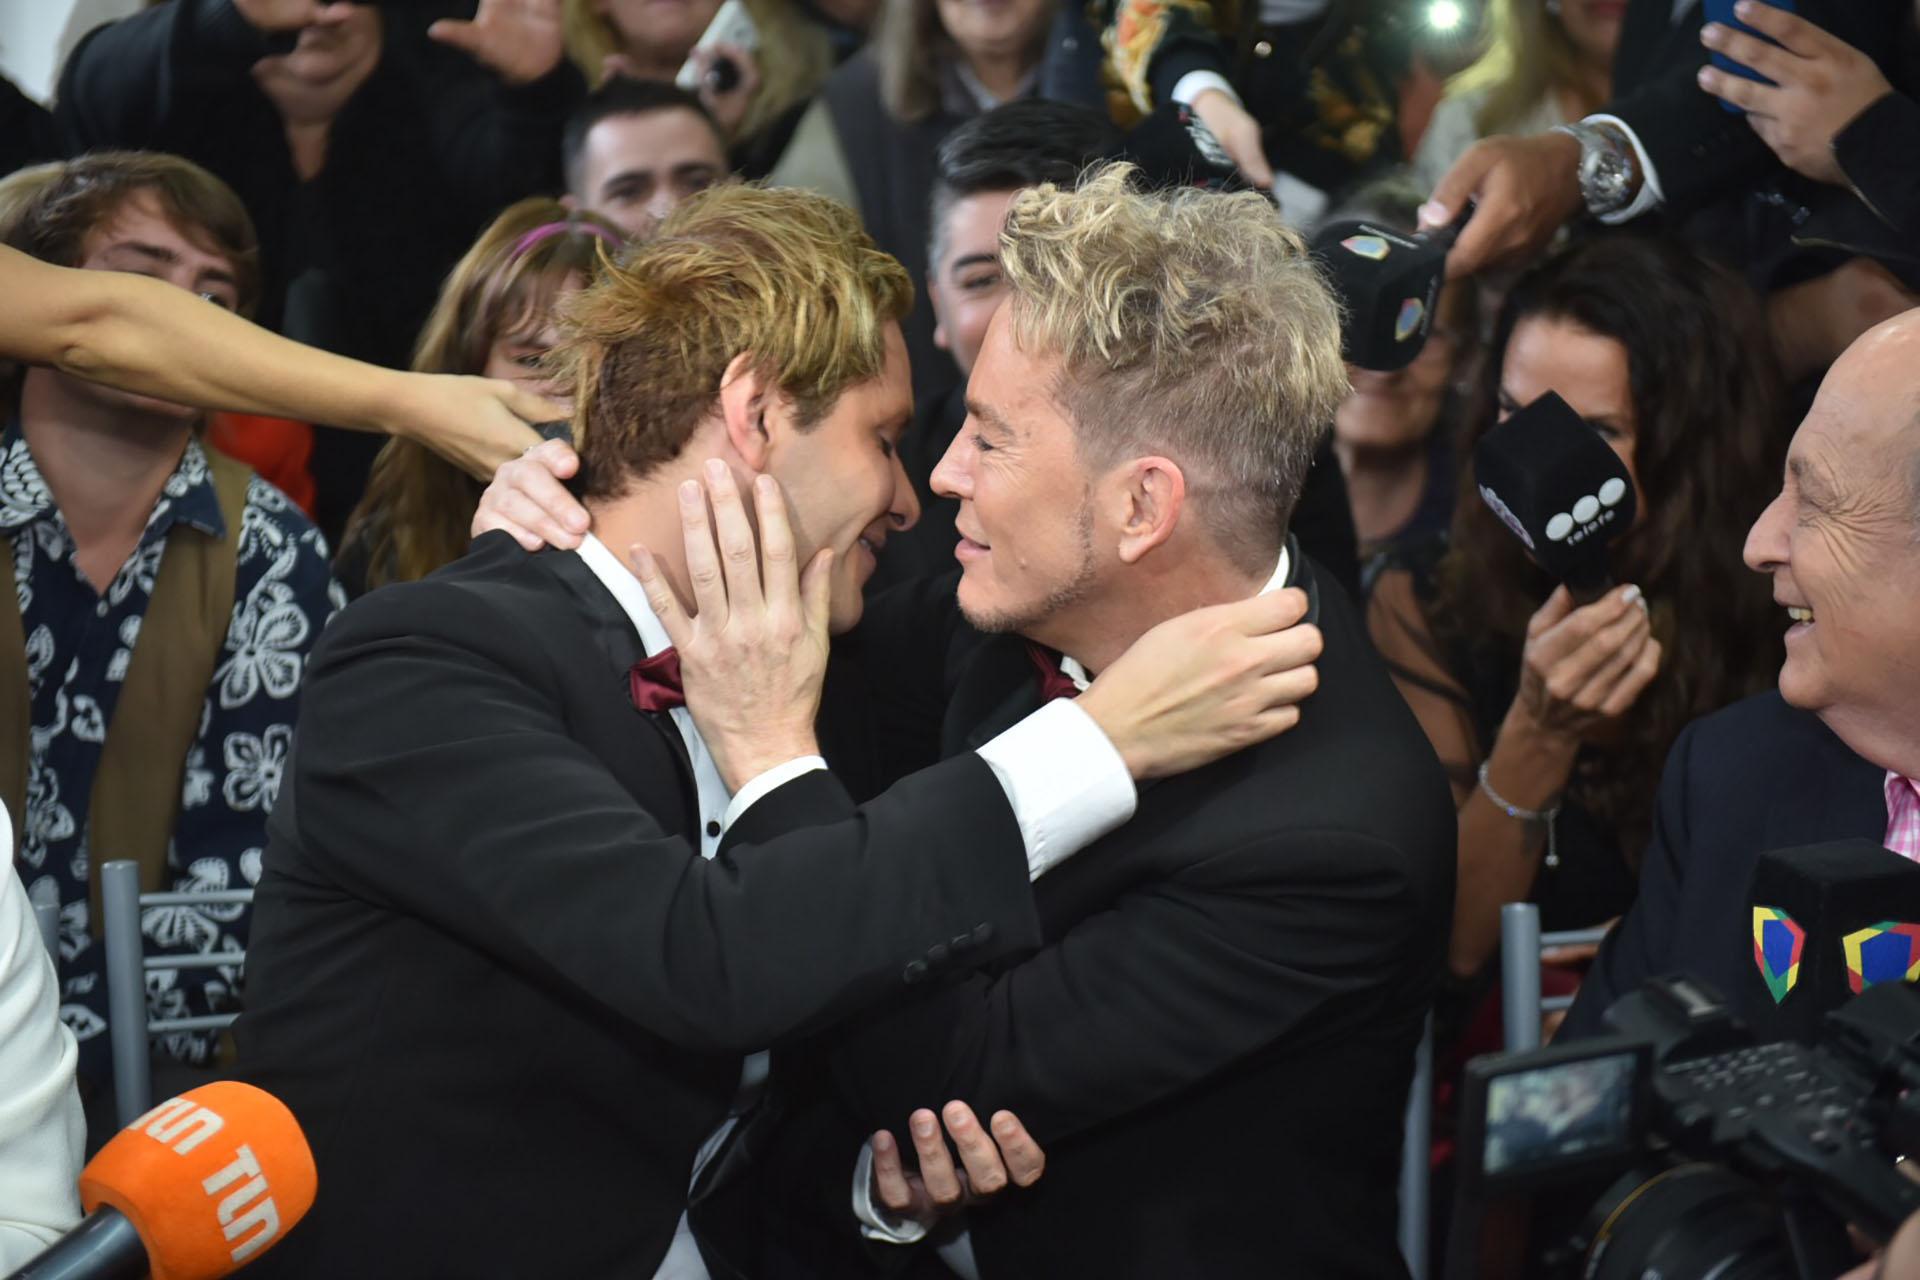 Ambos se emocionaron tras el intercambio de anillos